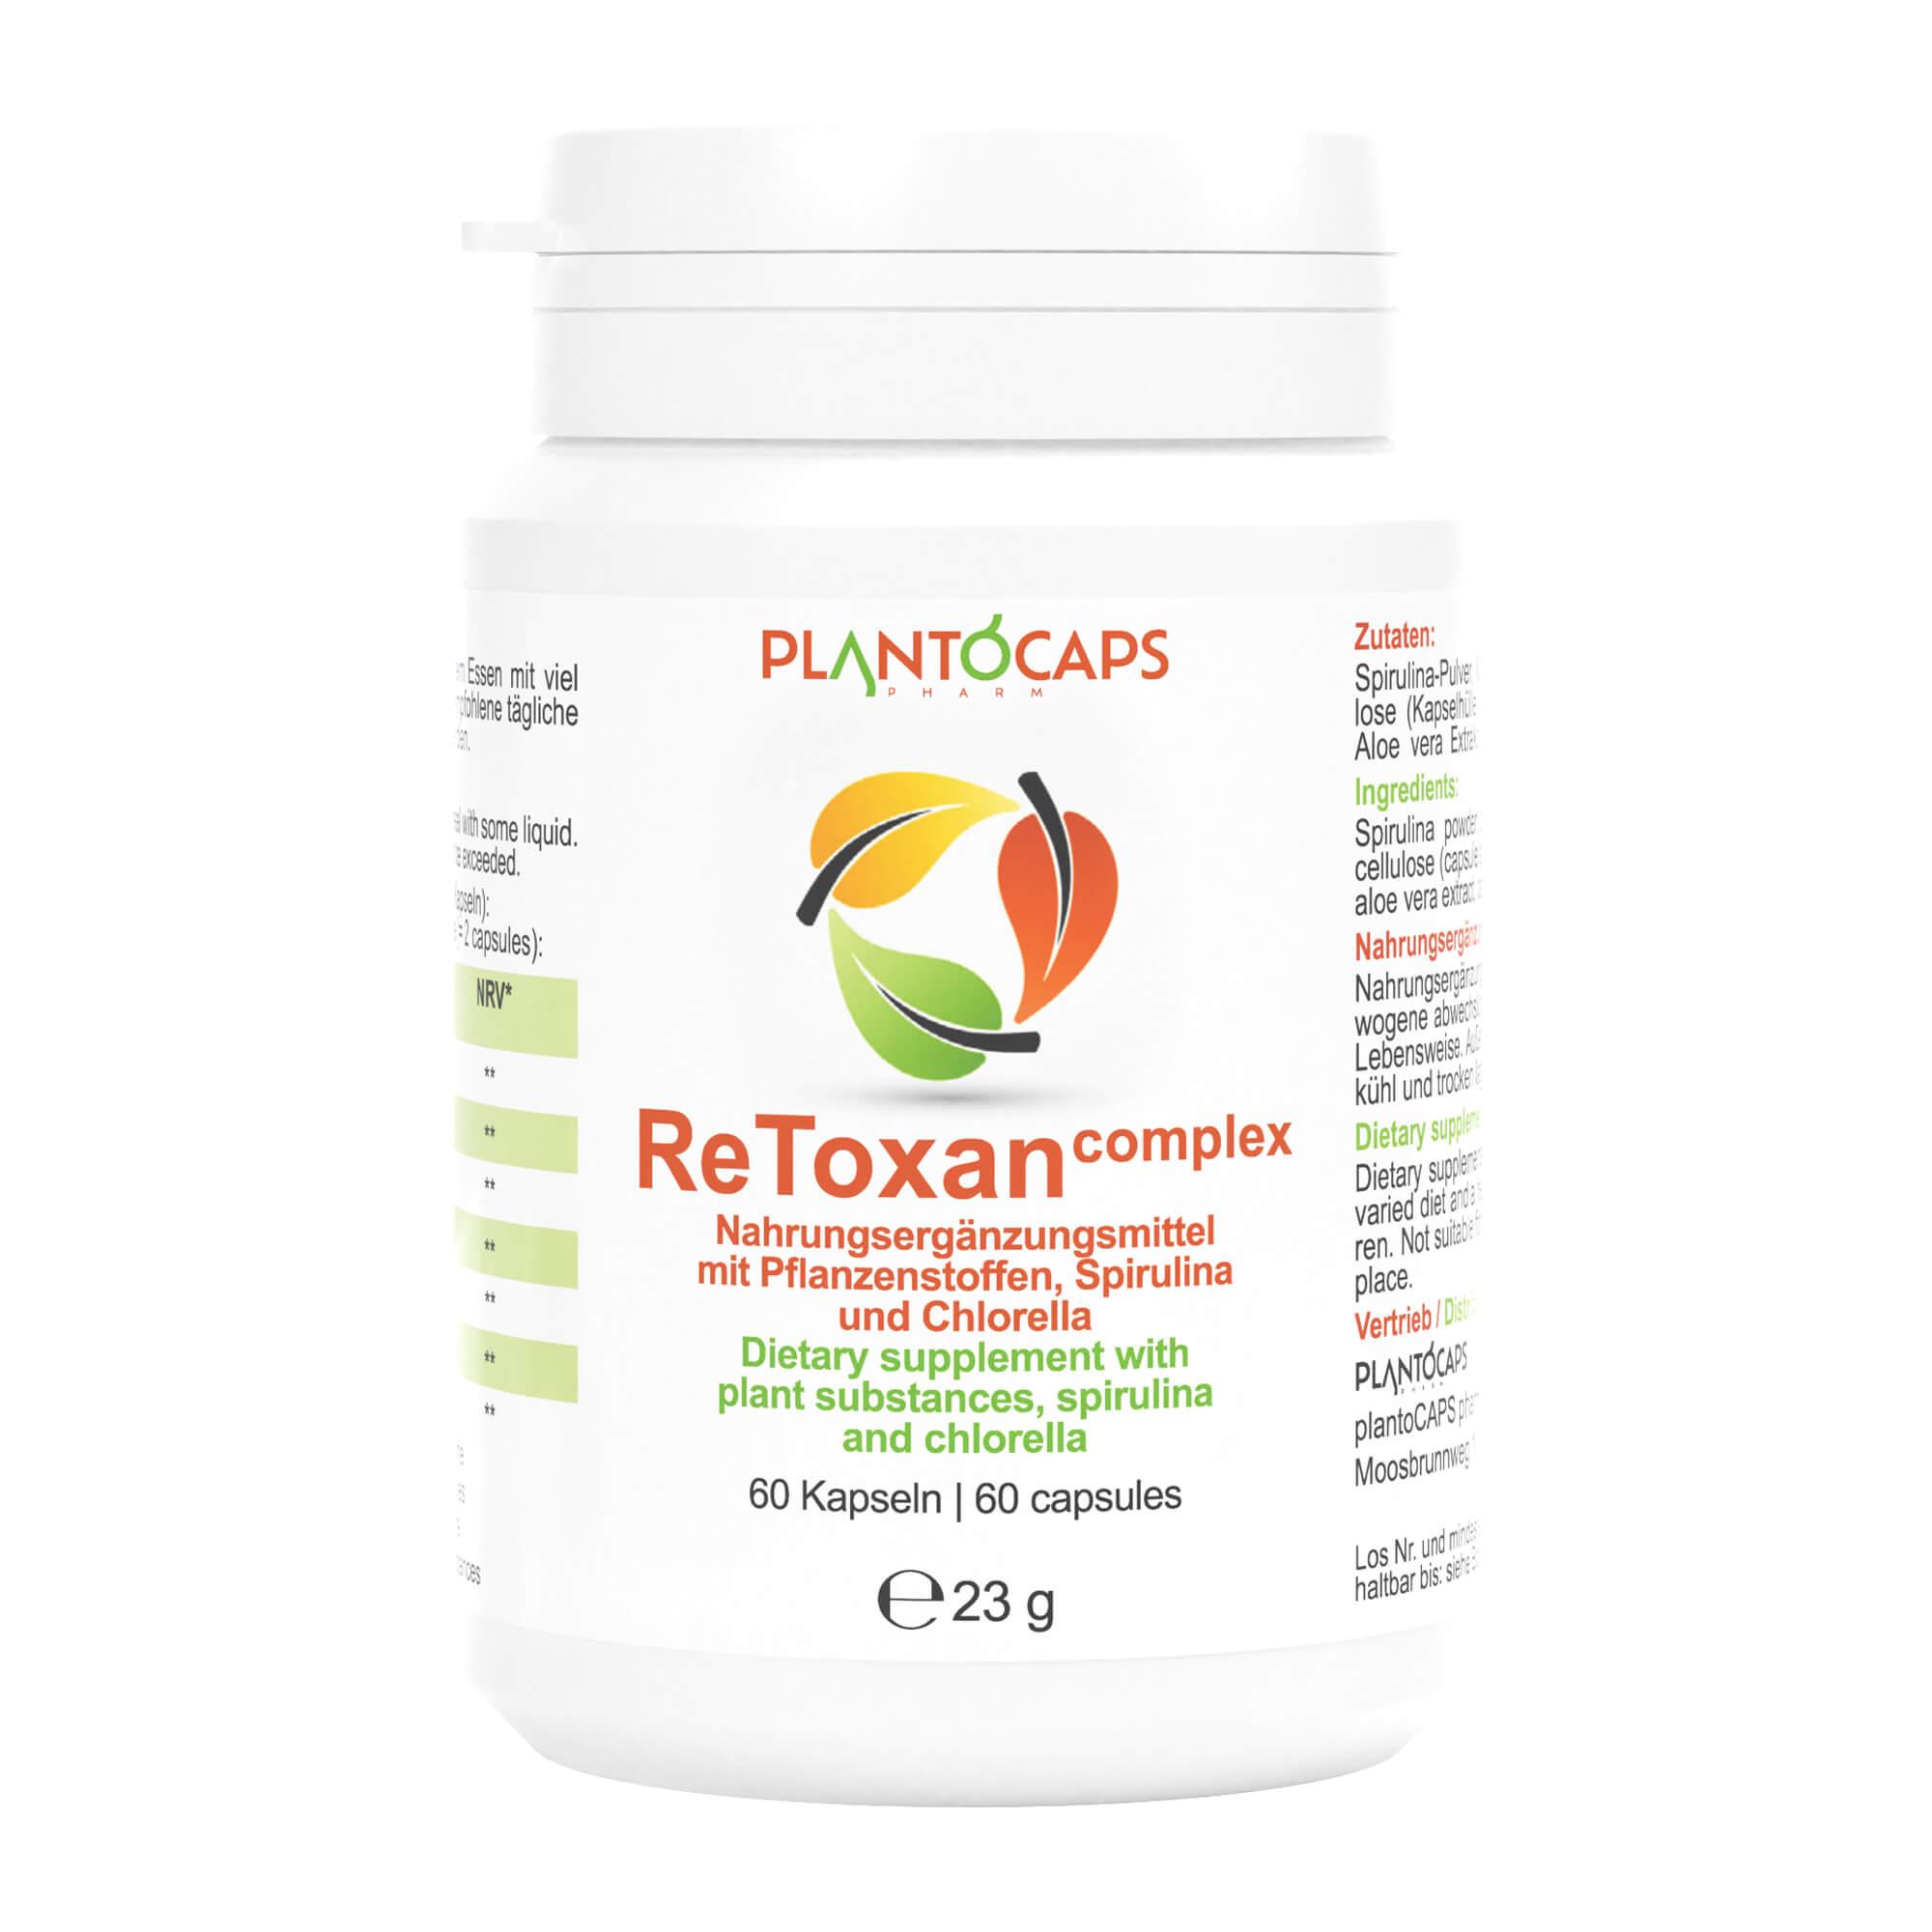 ReToxan Complex